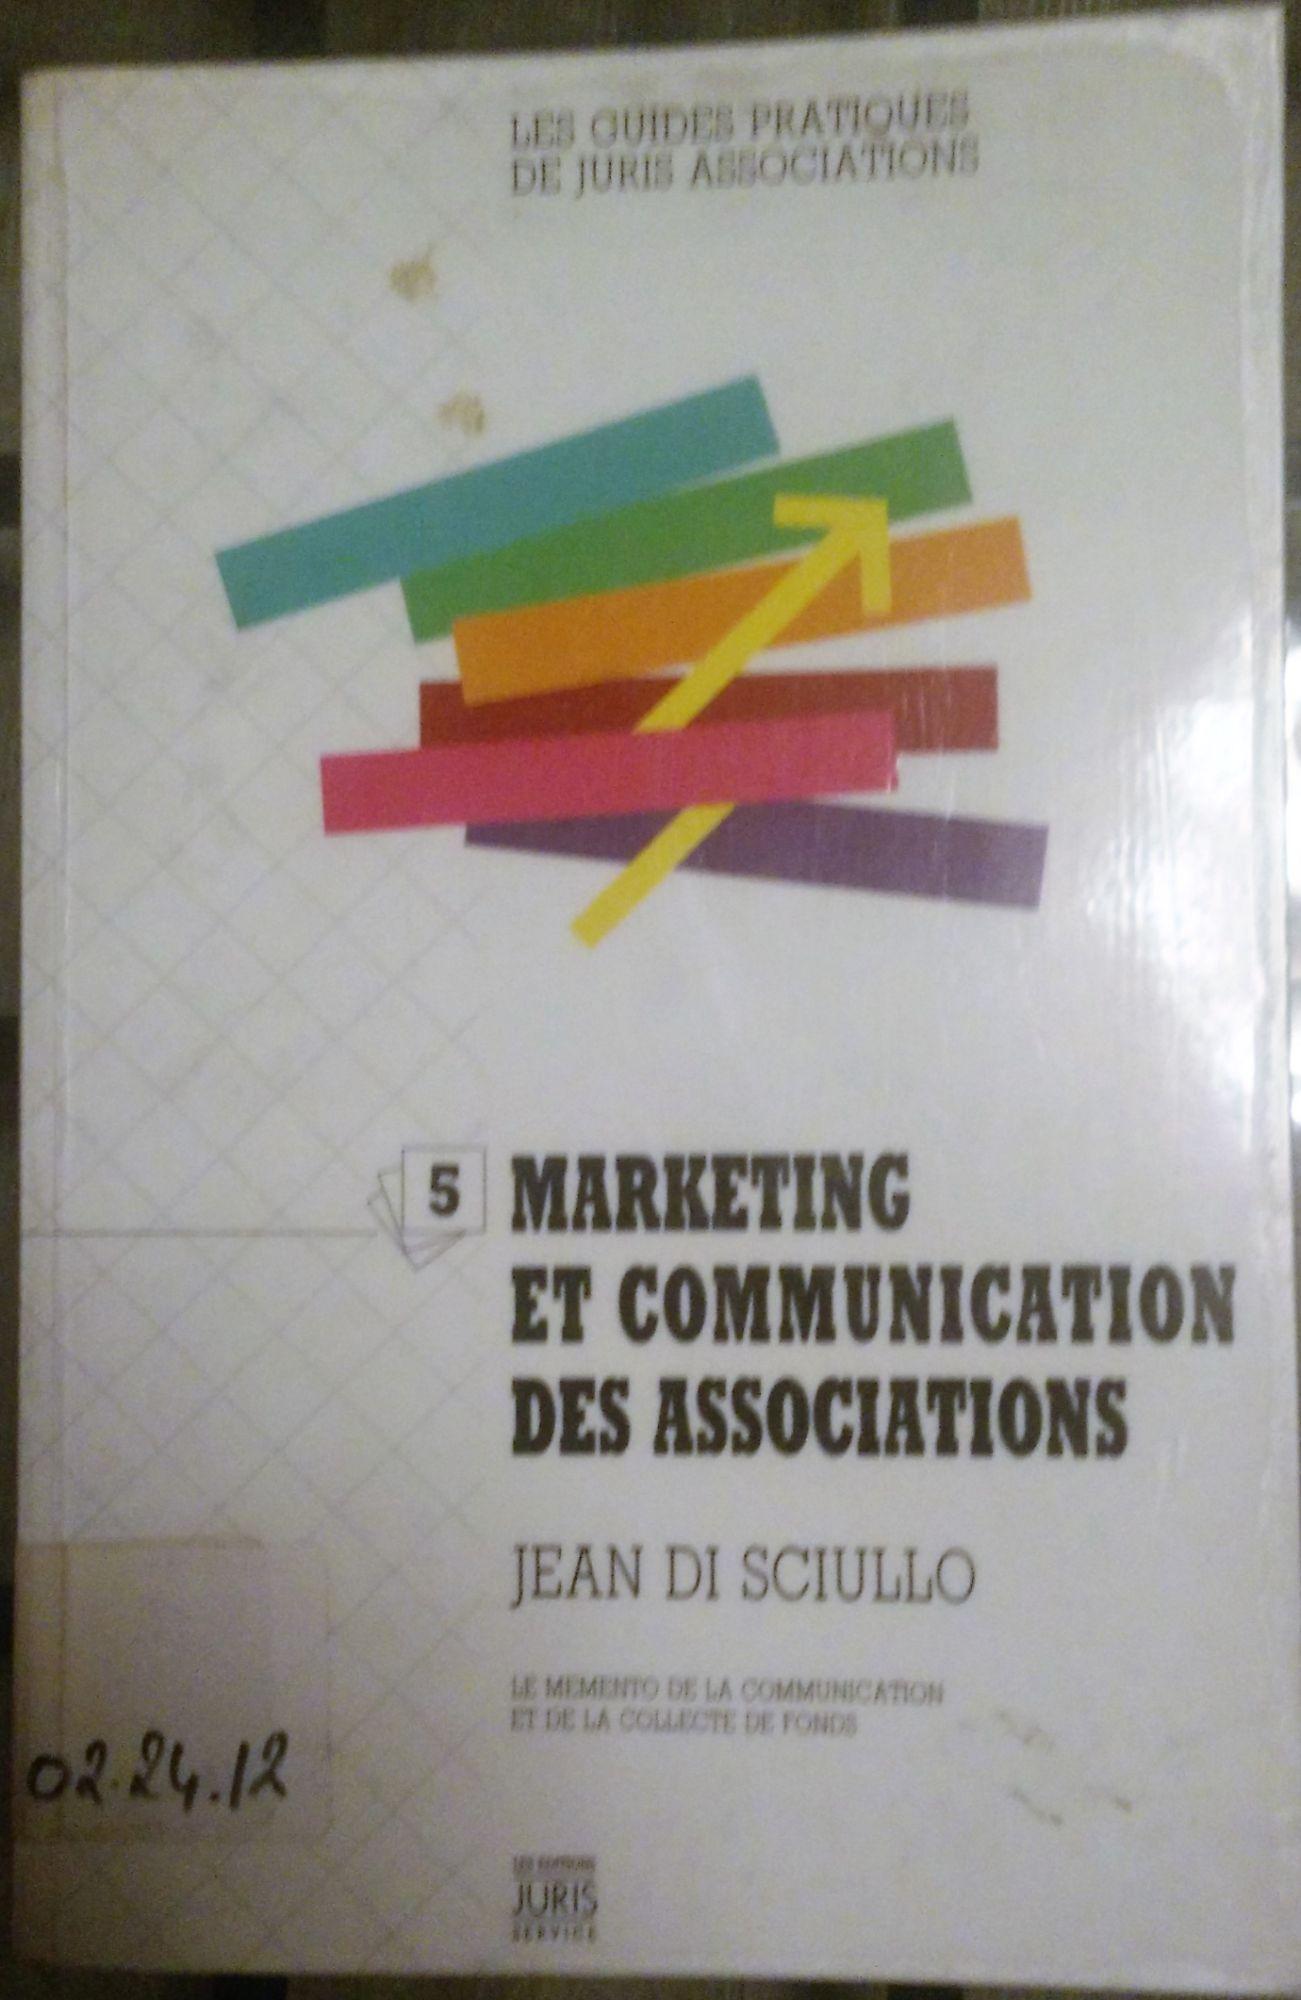 Marketing et communication des associations